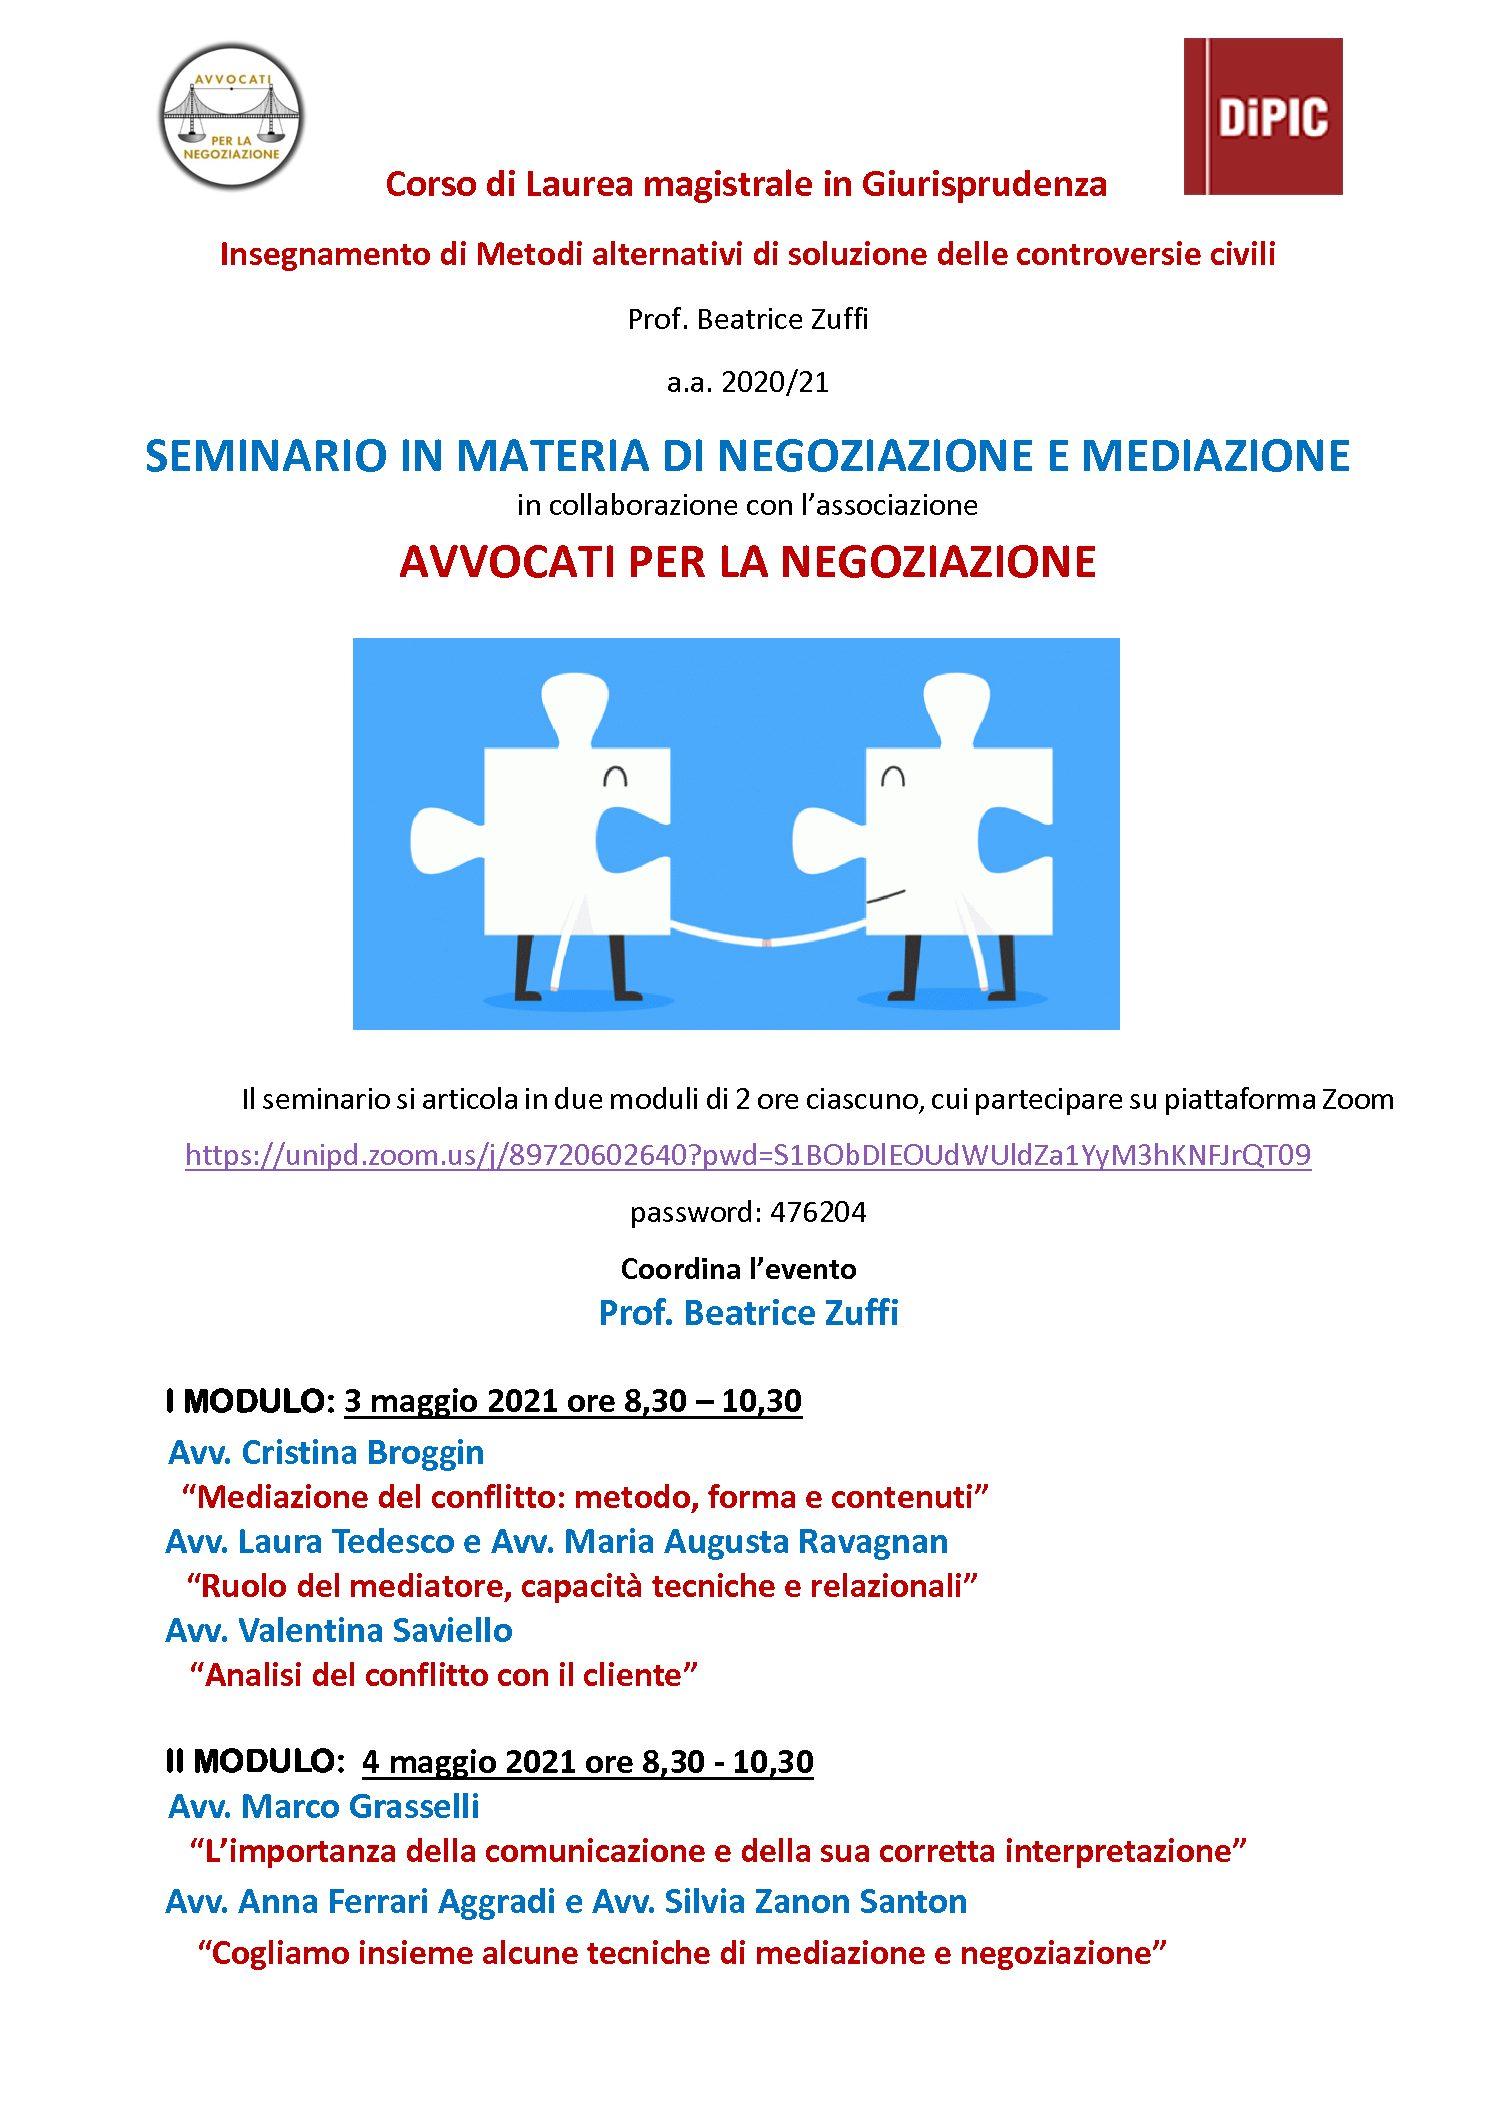 Seminario mediazione e negoziazione 3 e 4 maggio 2021 Università di Padova